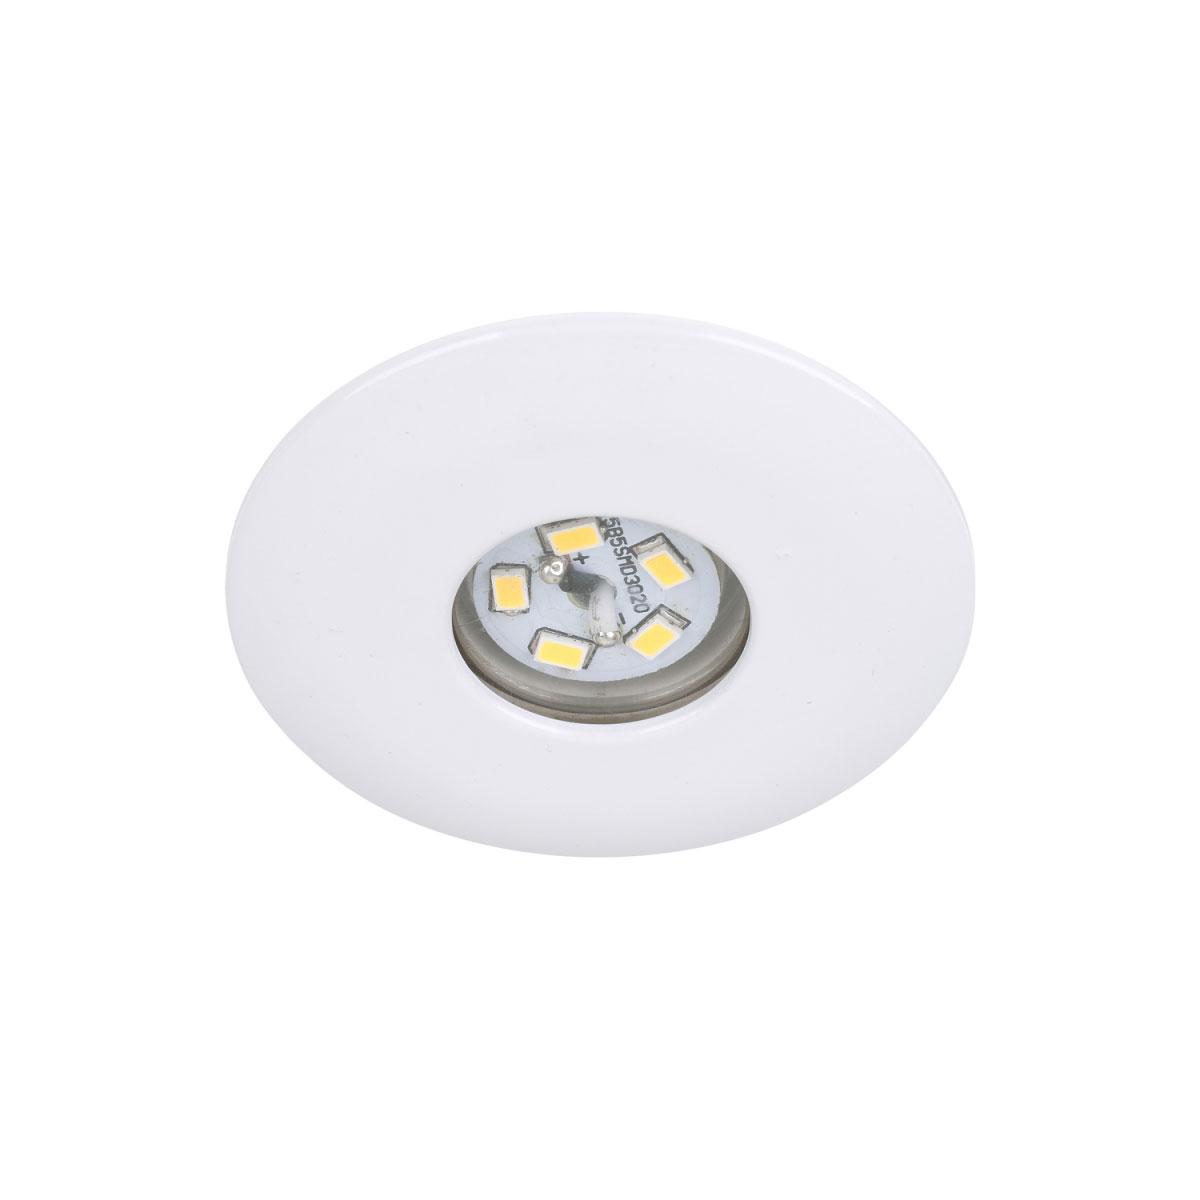 Deckenleuchten - LED Einbauleuchte, weiß, 1,8W  - Onlineshop Hellweg